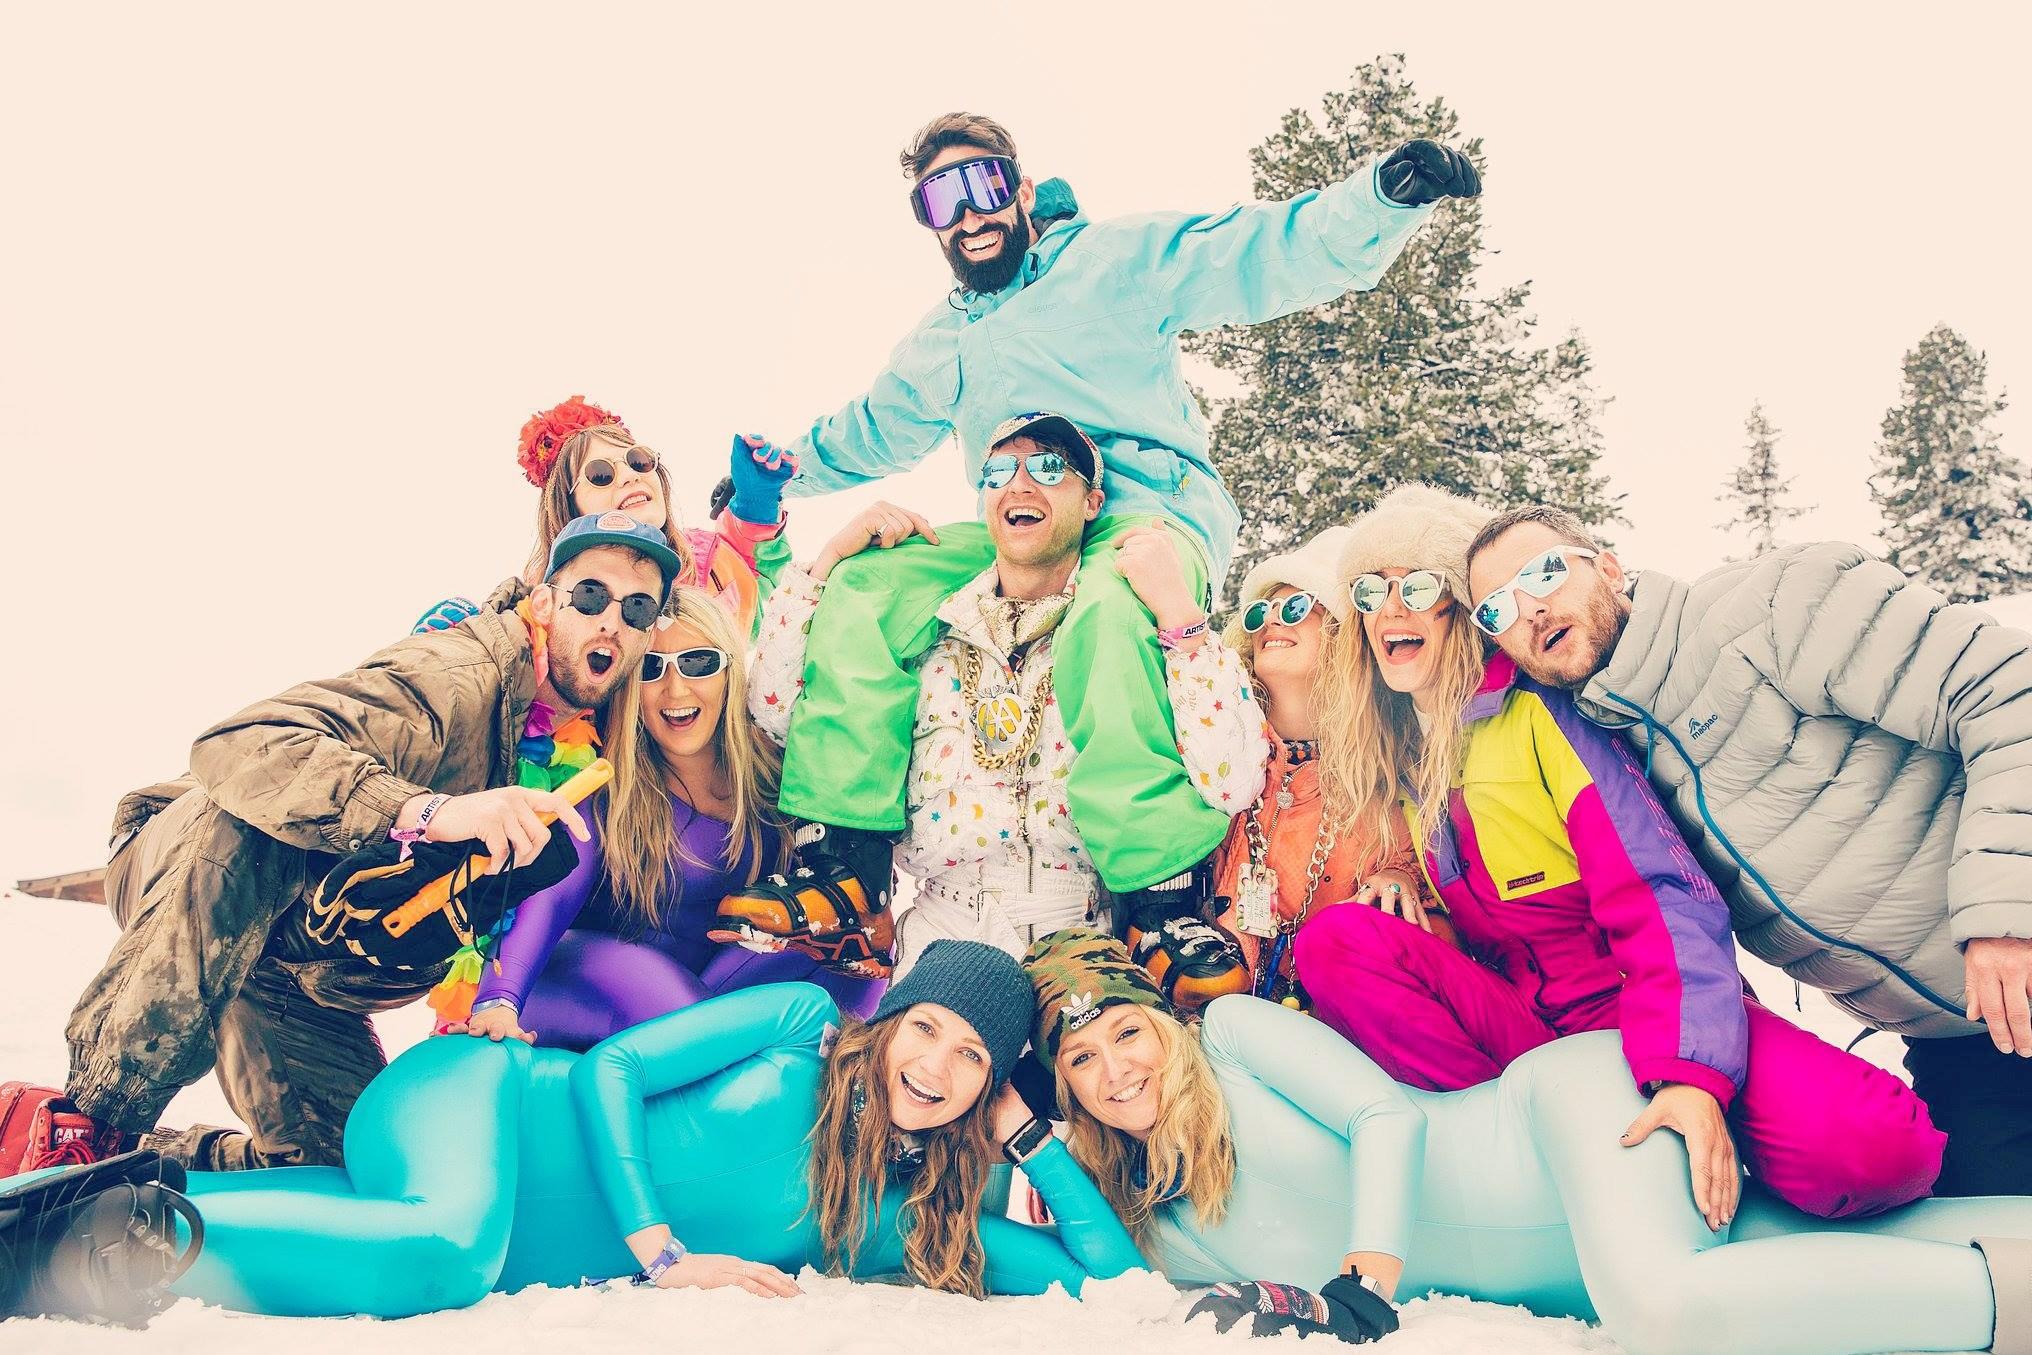 Ski safari #ski slalom